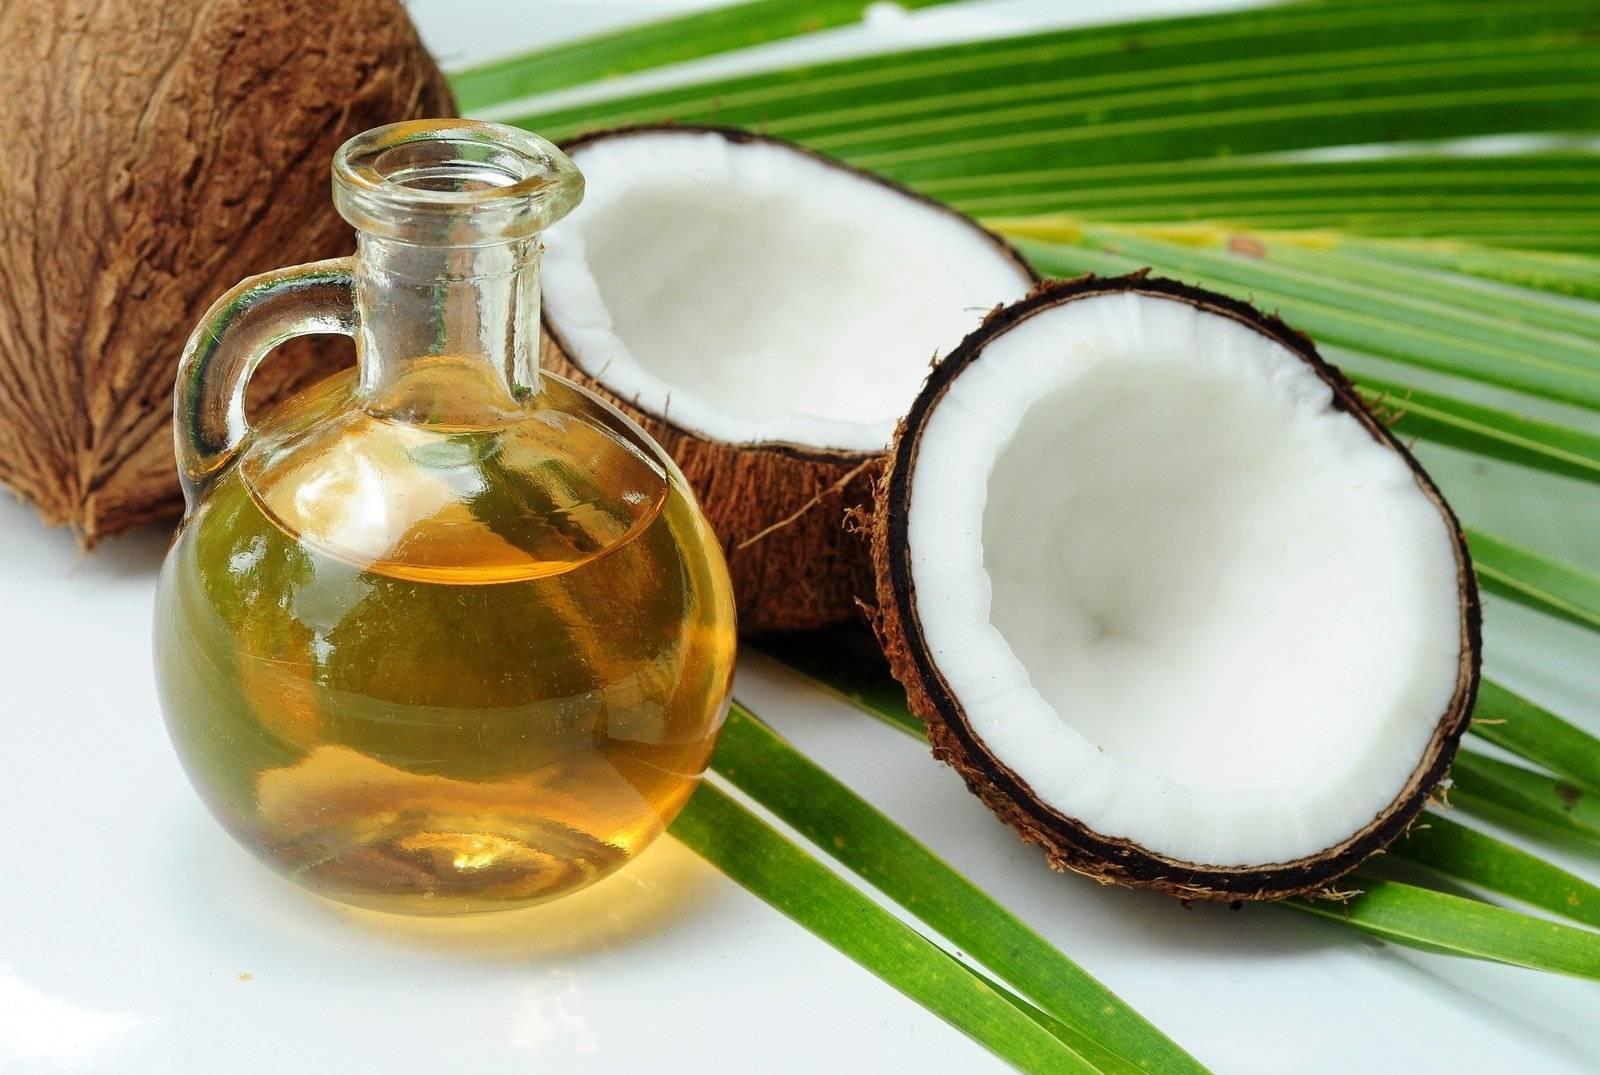 Маска с кокосовым маслом для лица: домашние рецепты или готовые средства?